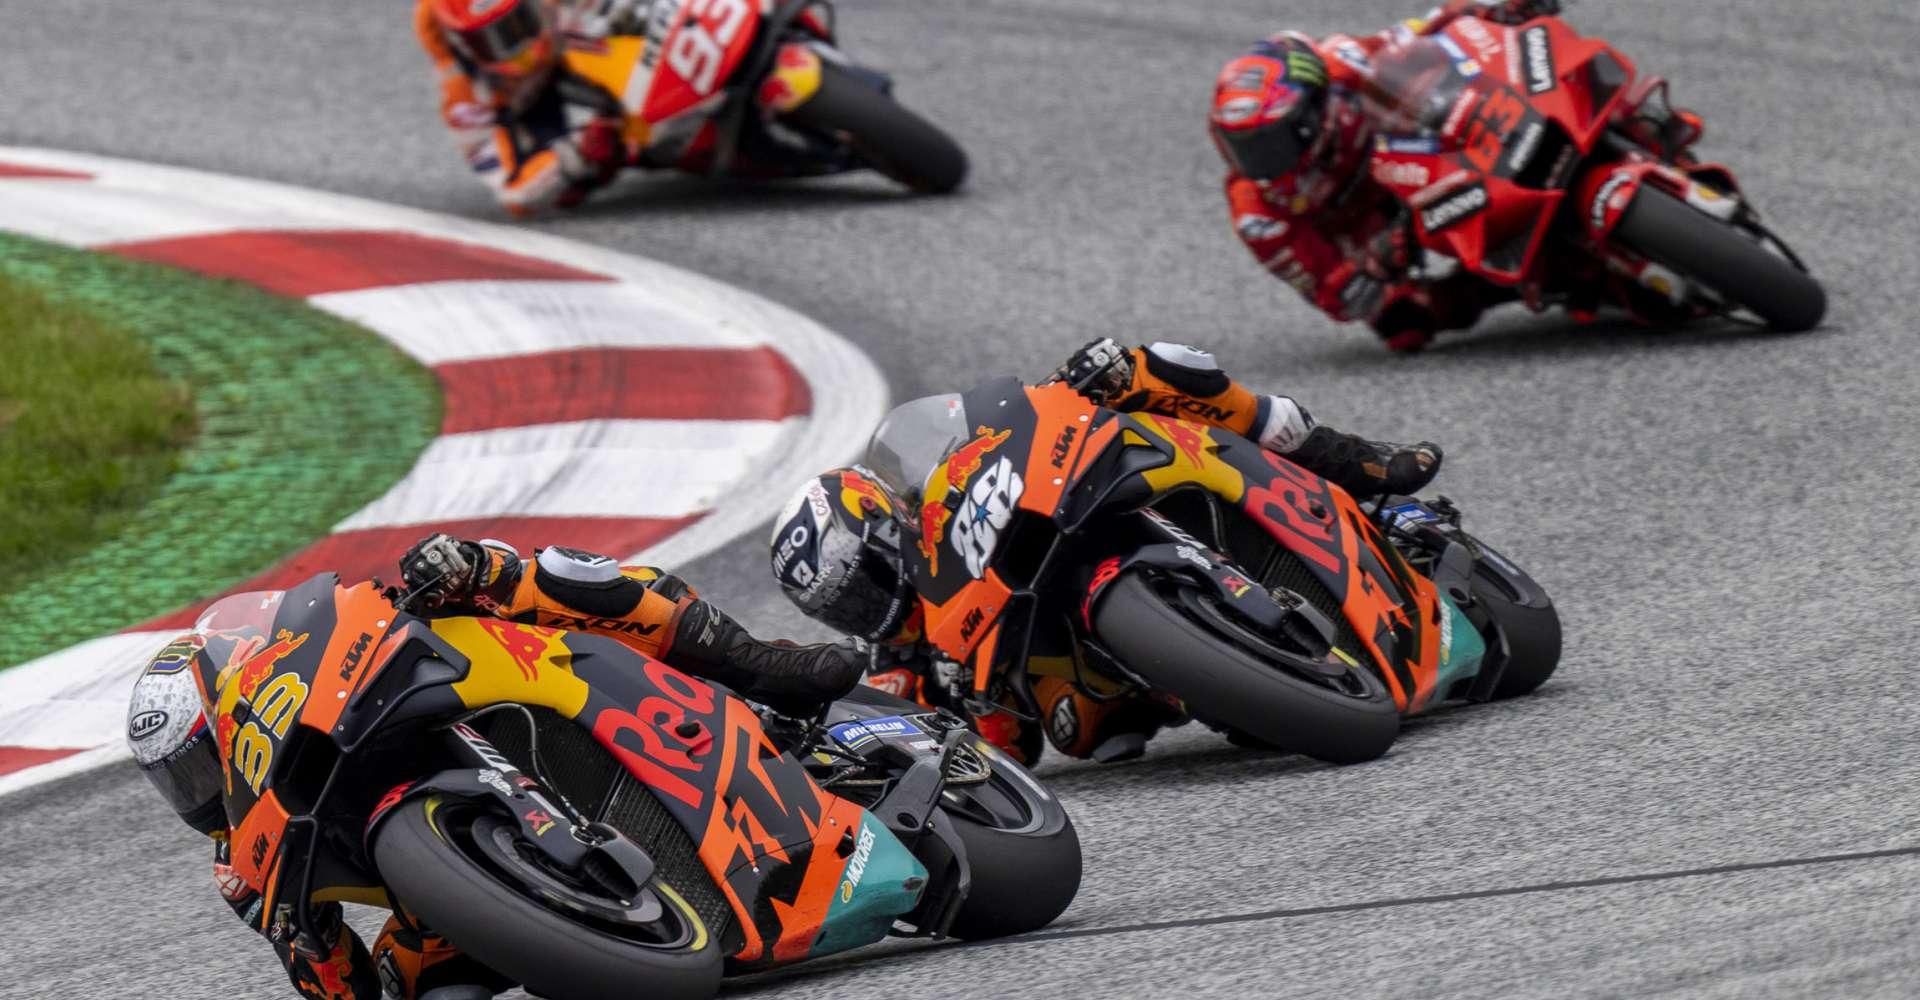 <p>Moto GP Motorräder</p> Copyright: